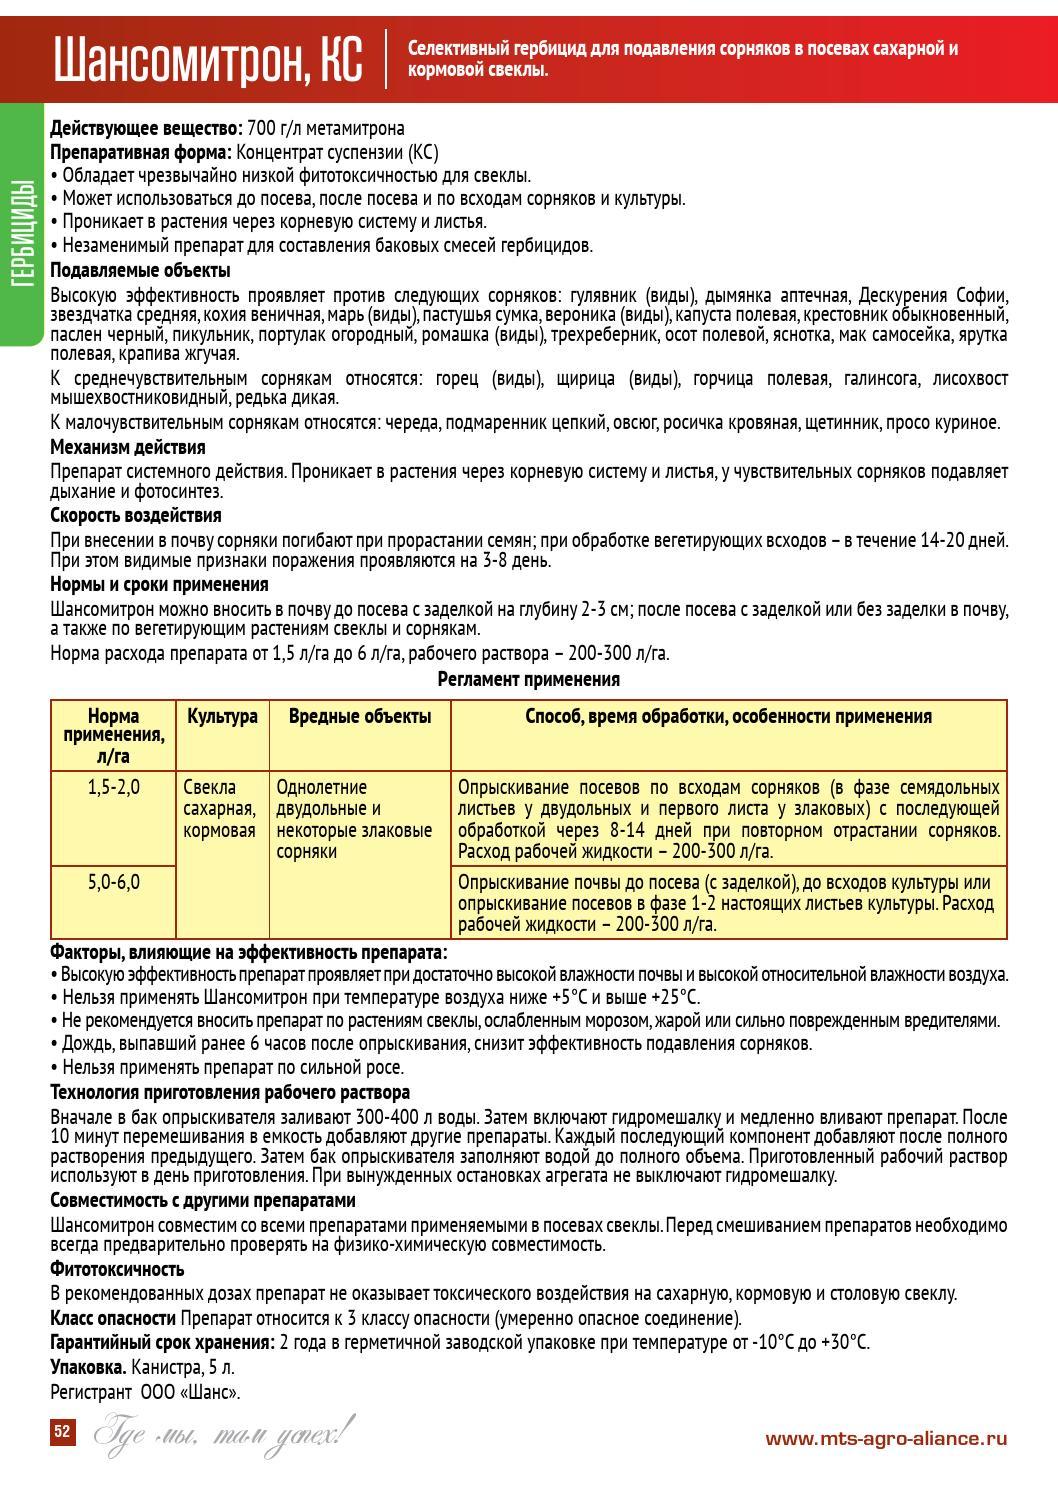 Гербицид для капусты: описание препаратов и их использование после всходов культуры